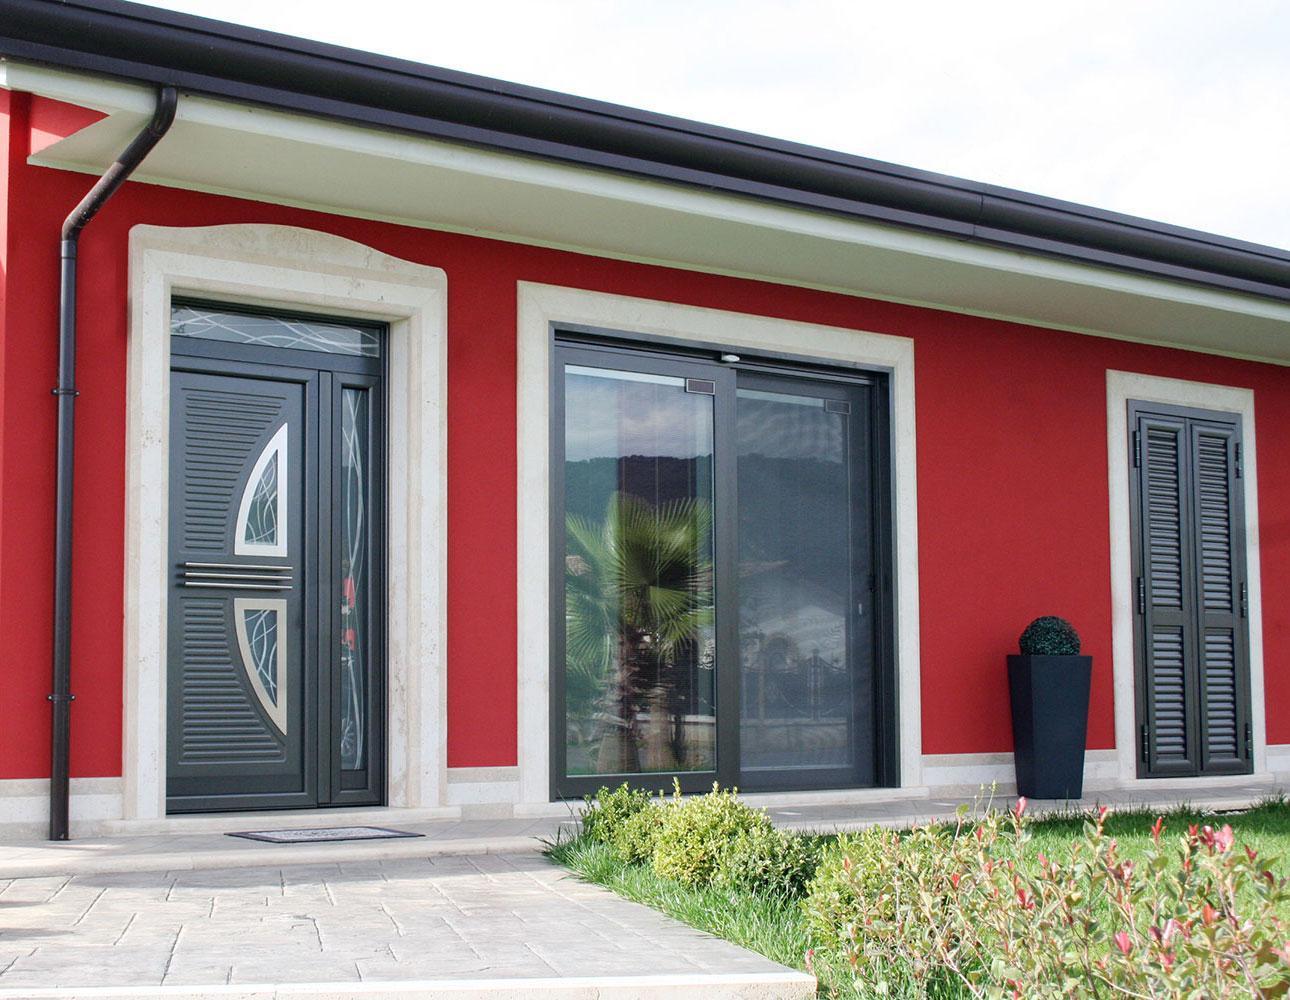 Porte e finestre ded infissi srl - Baltera srl unipersonale porte e finestre ...